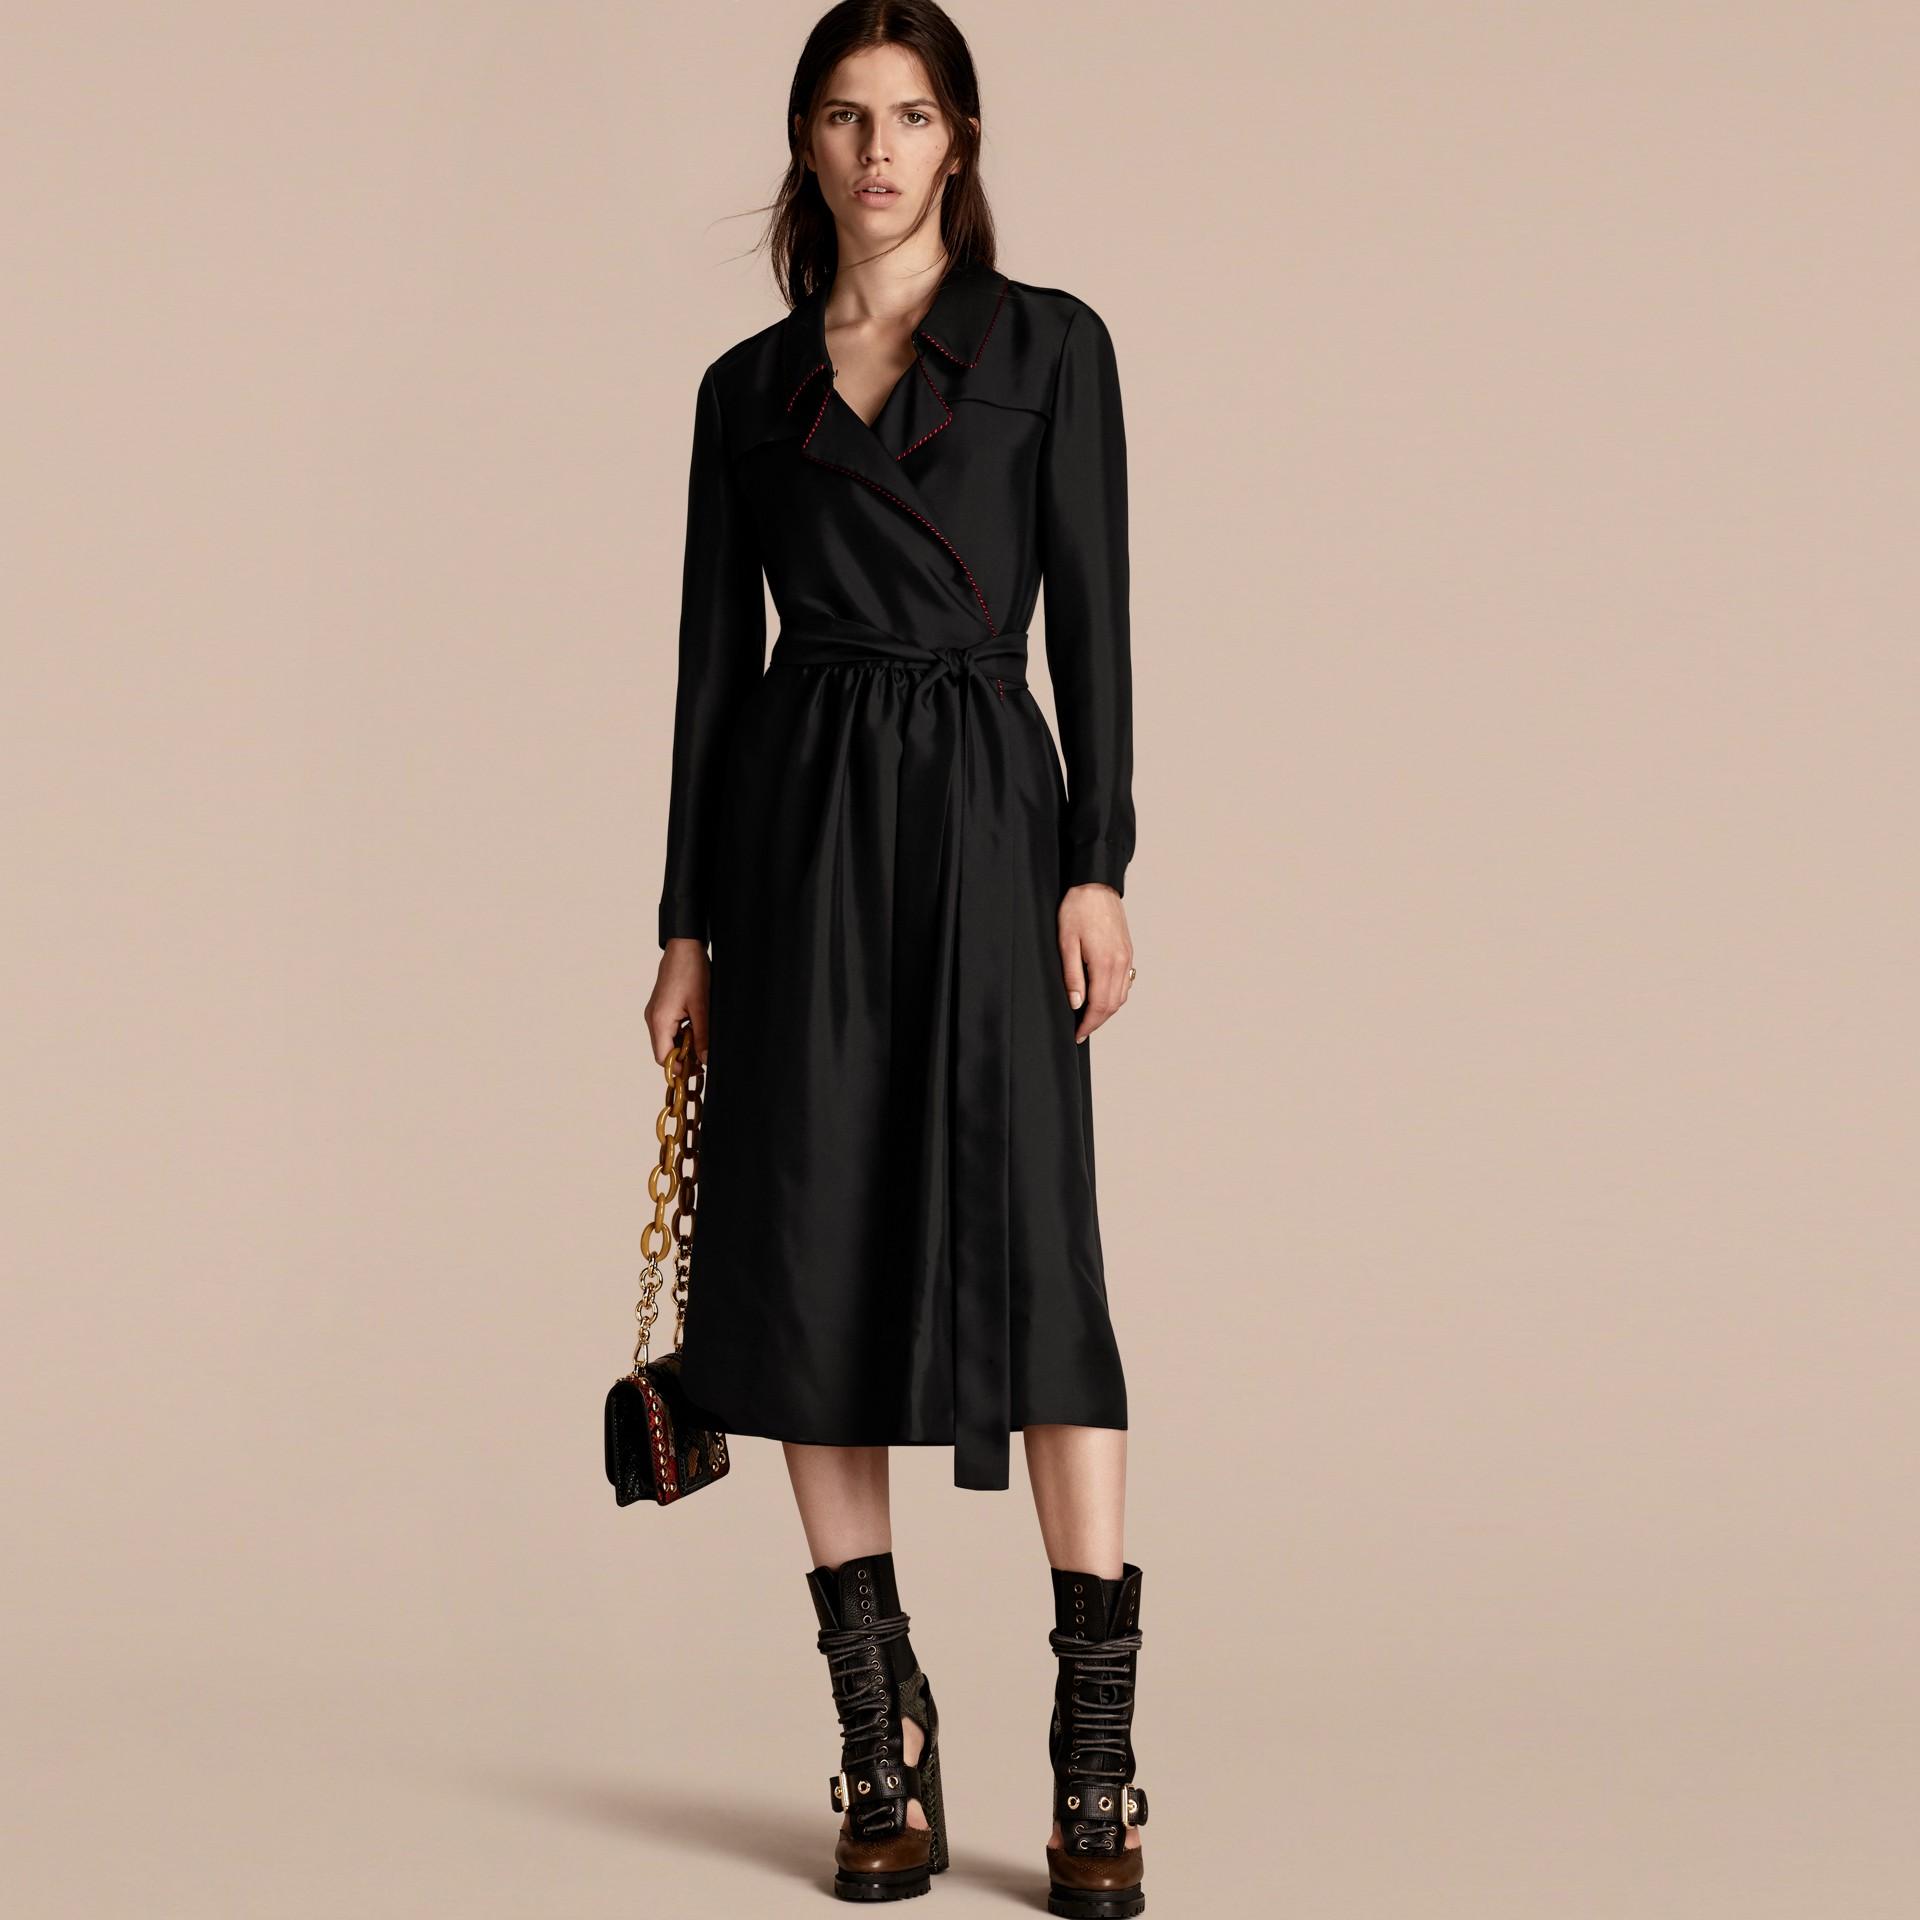 Preto Vestido Trench estilo wrap de seda com debrum militar - galeria de imagens 1